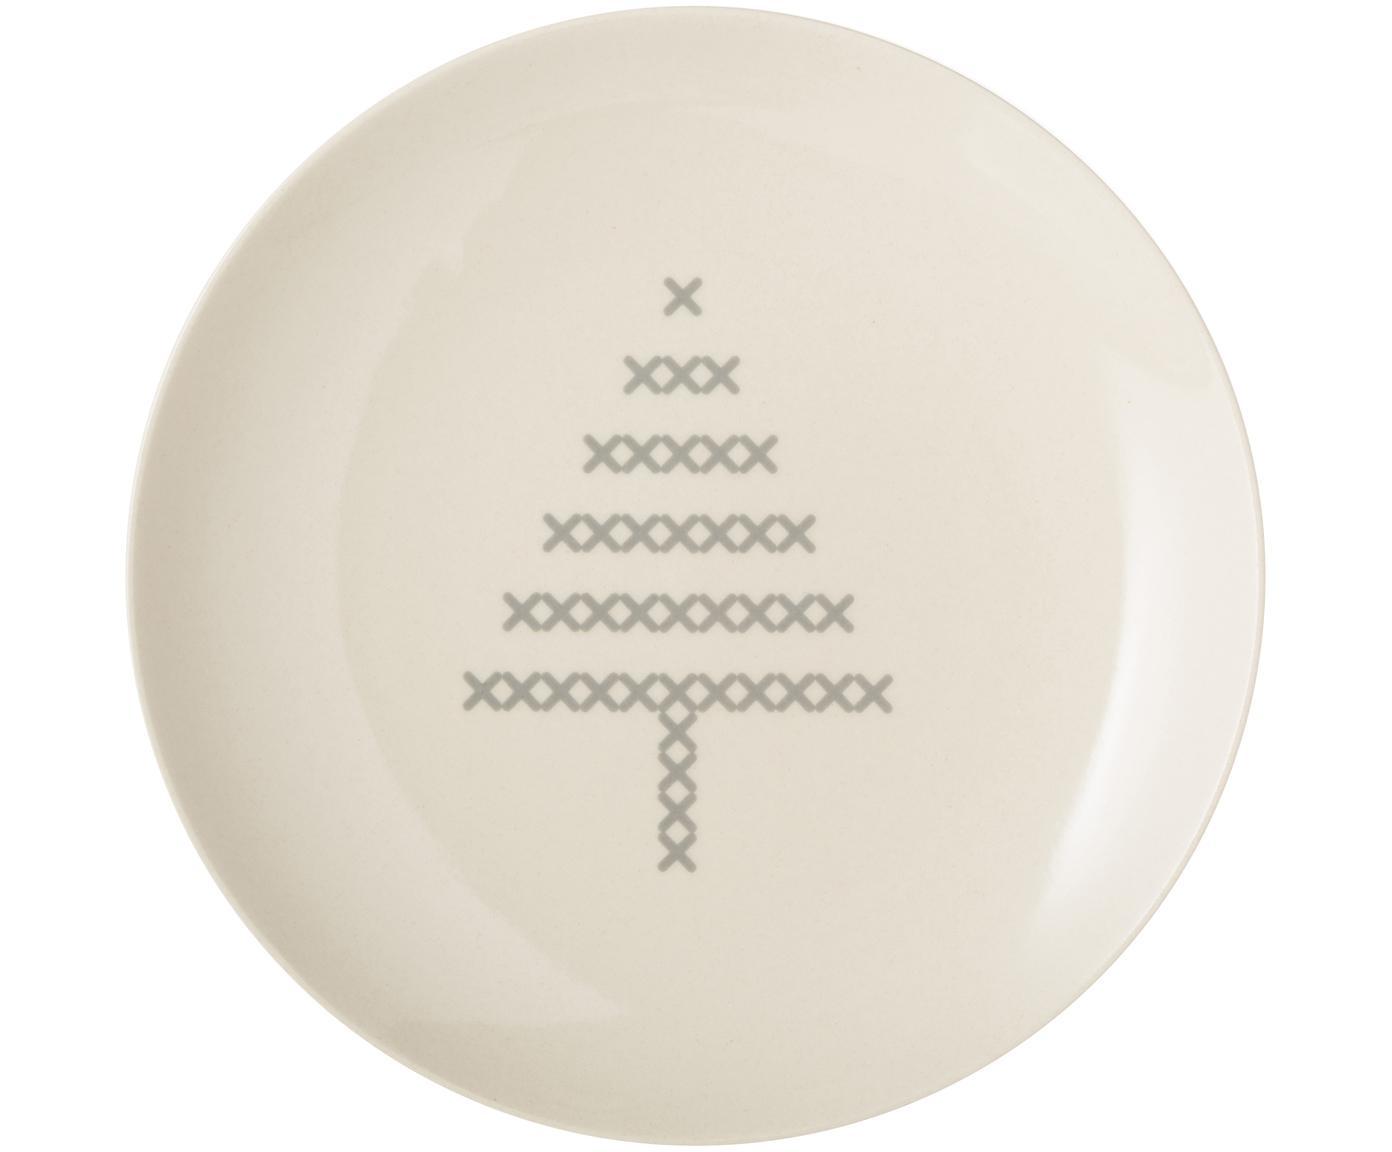 Talerz Cross, Ceramika, Złamana biel, szary, Ø 16 cm